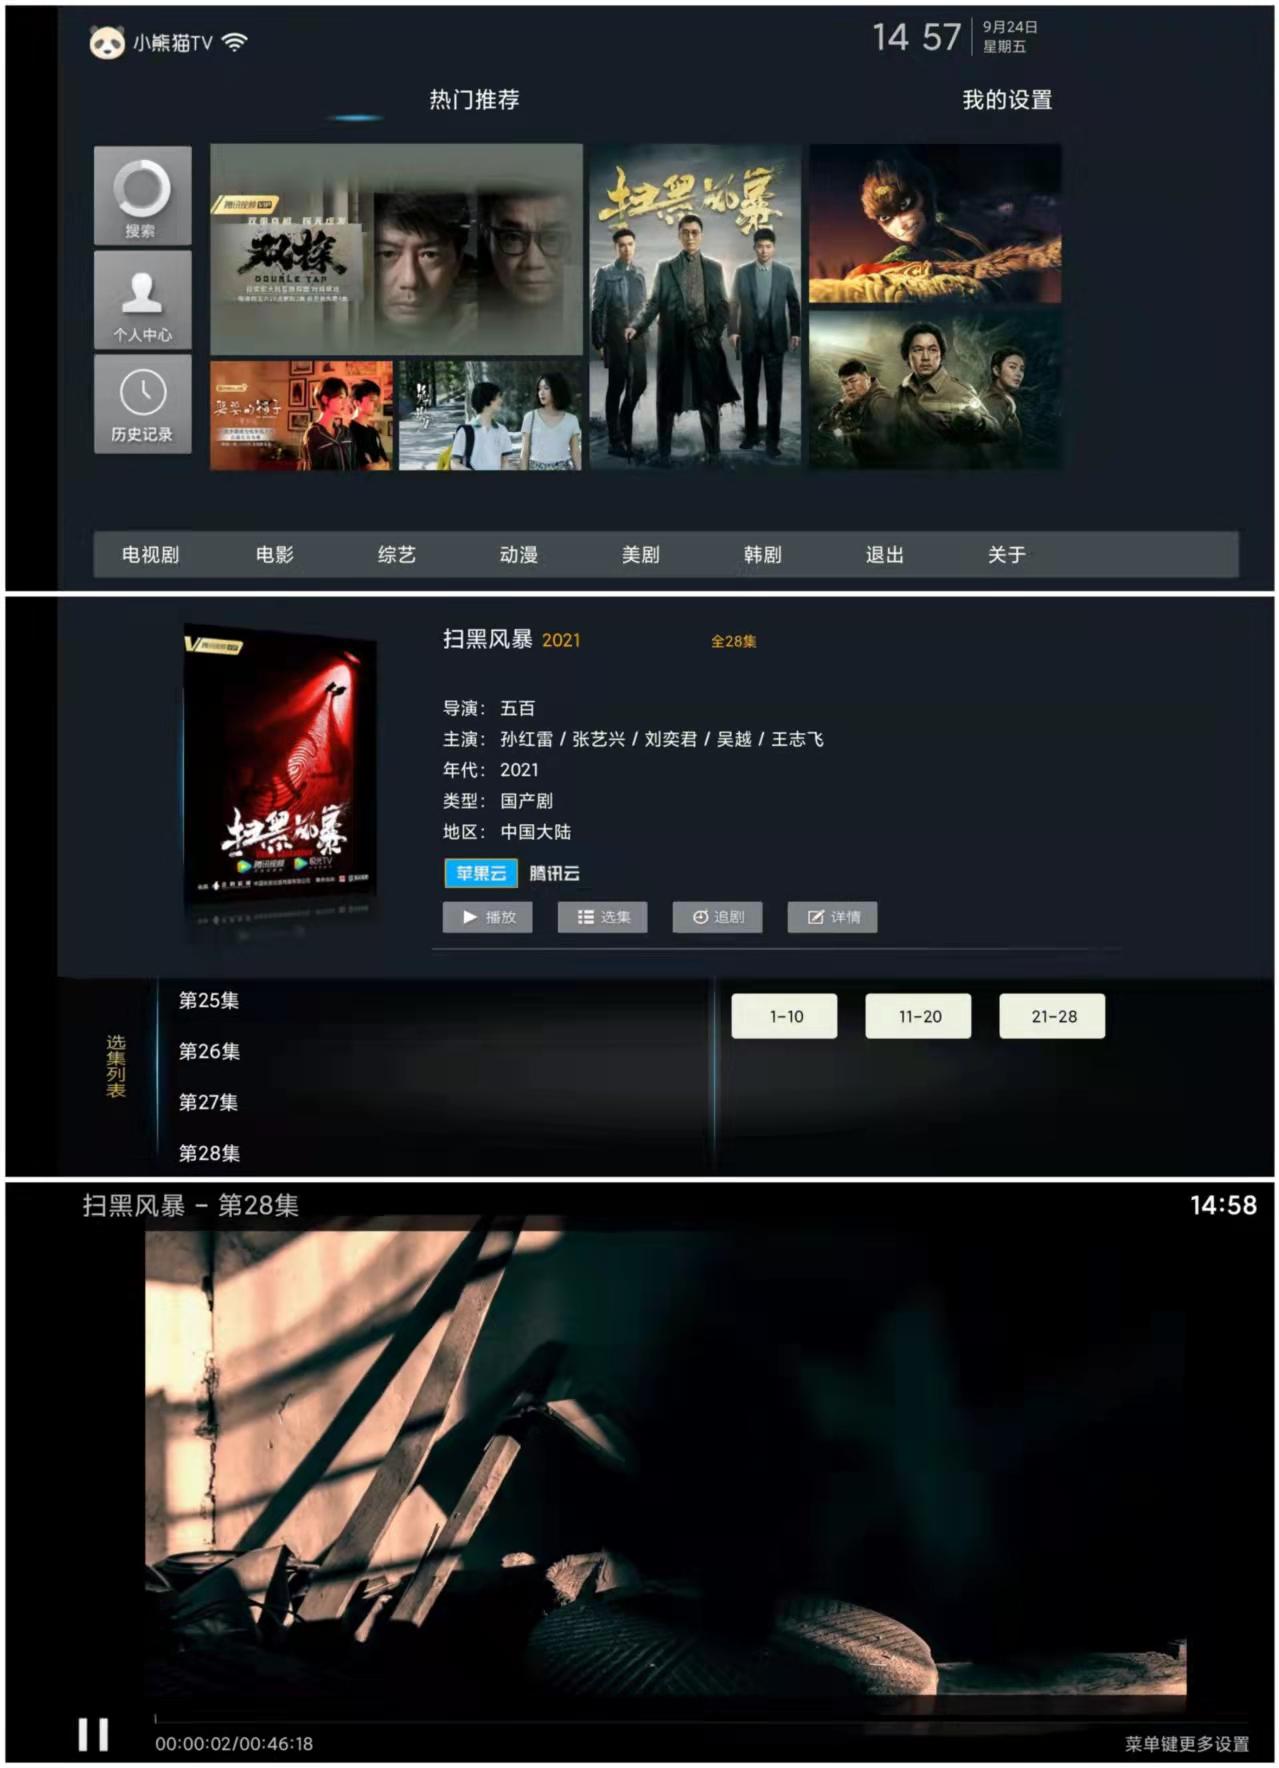 小熊猫TV v1.0.3 绿化版 4K影视盒子/电影电视应有尽有